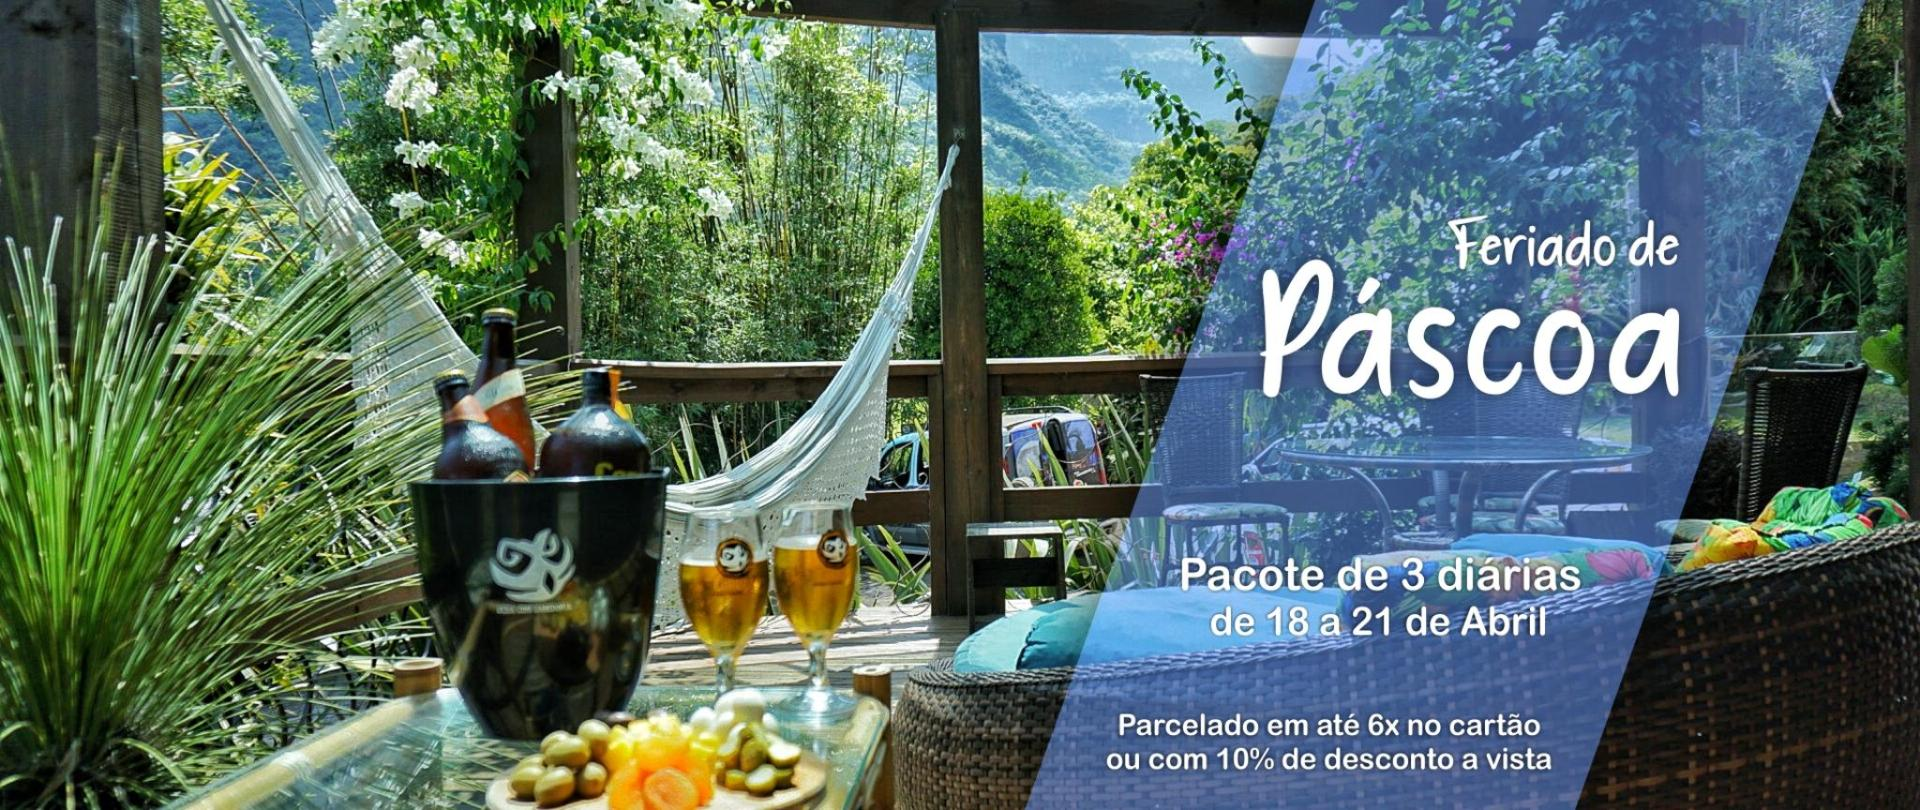 Banner pascoa 06.jpg